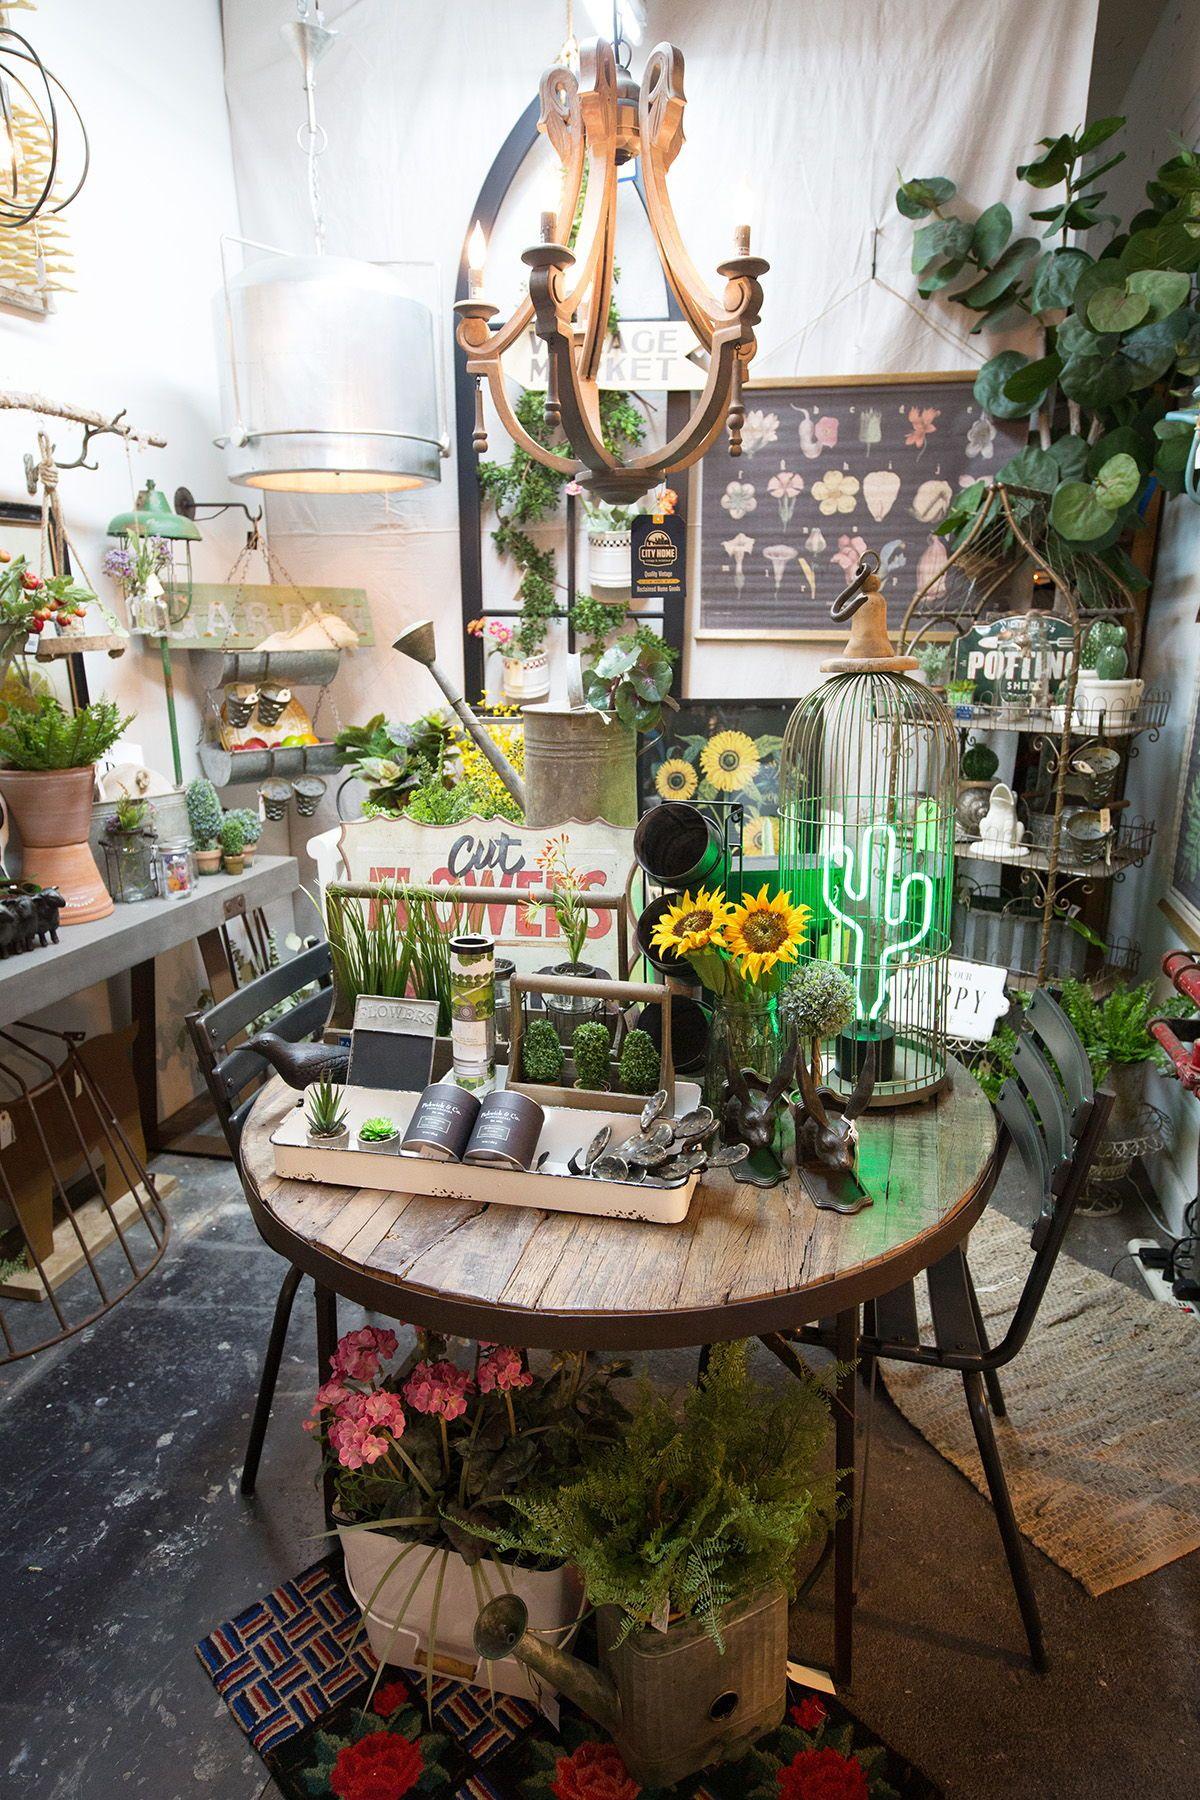 Vintage Meets Modern Botanical At City Home In Portland, Oregon